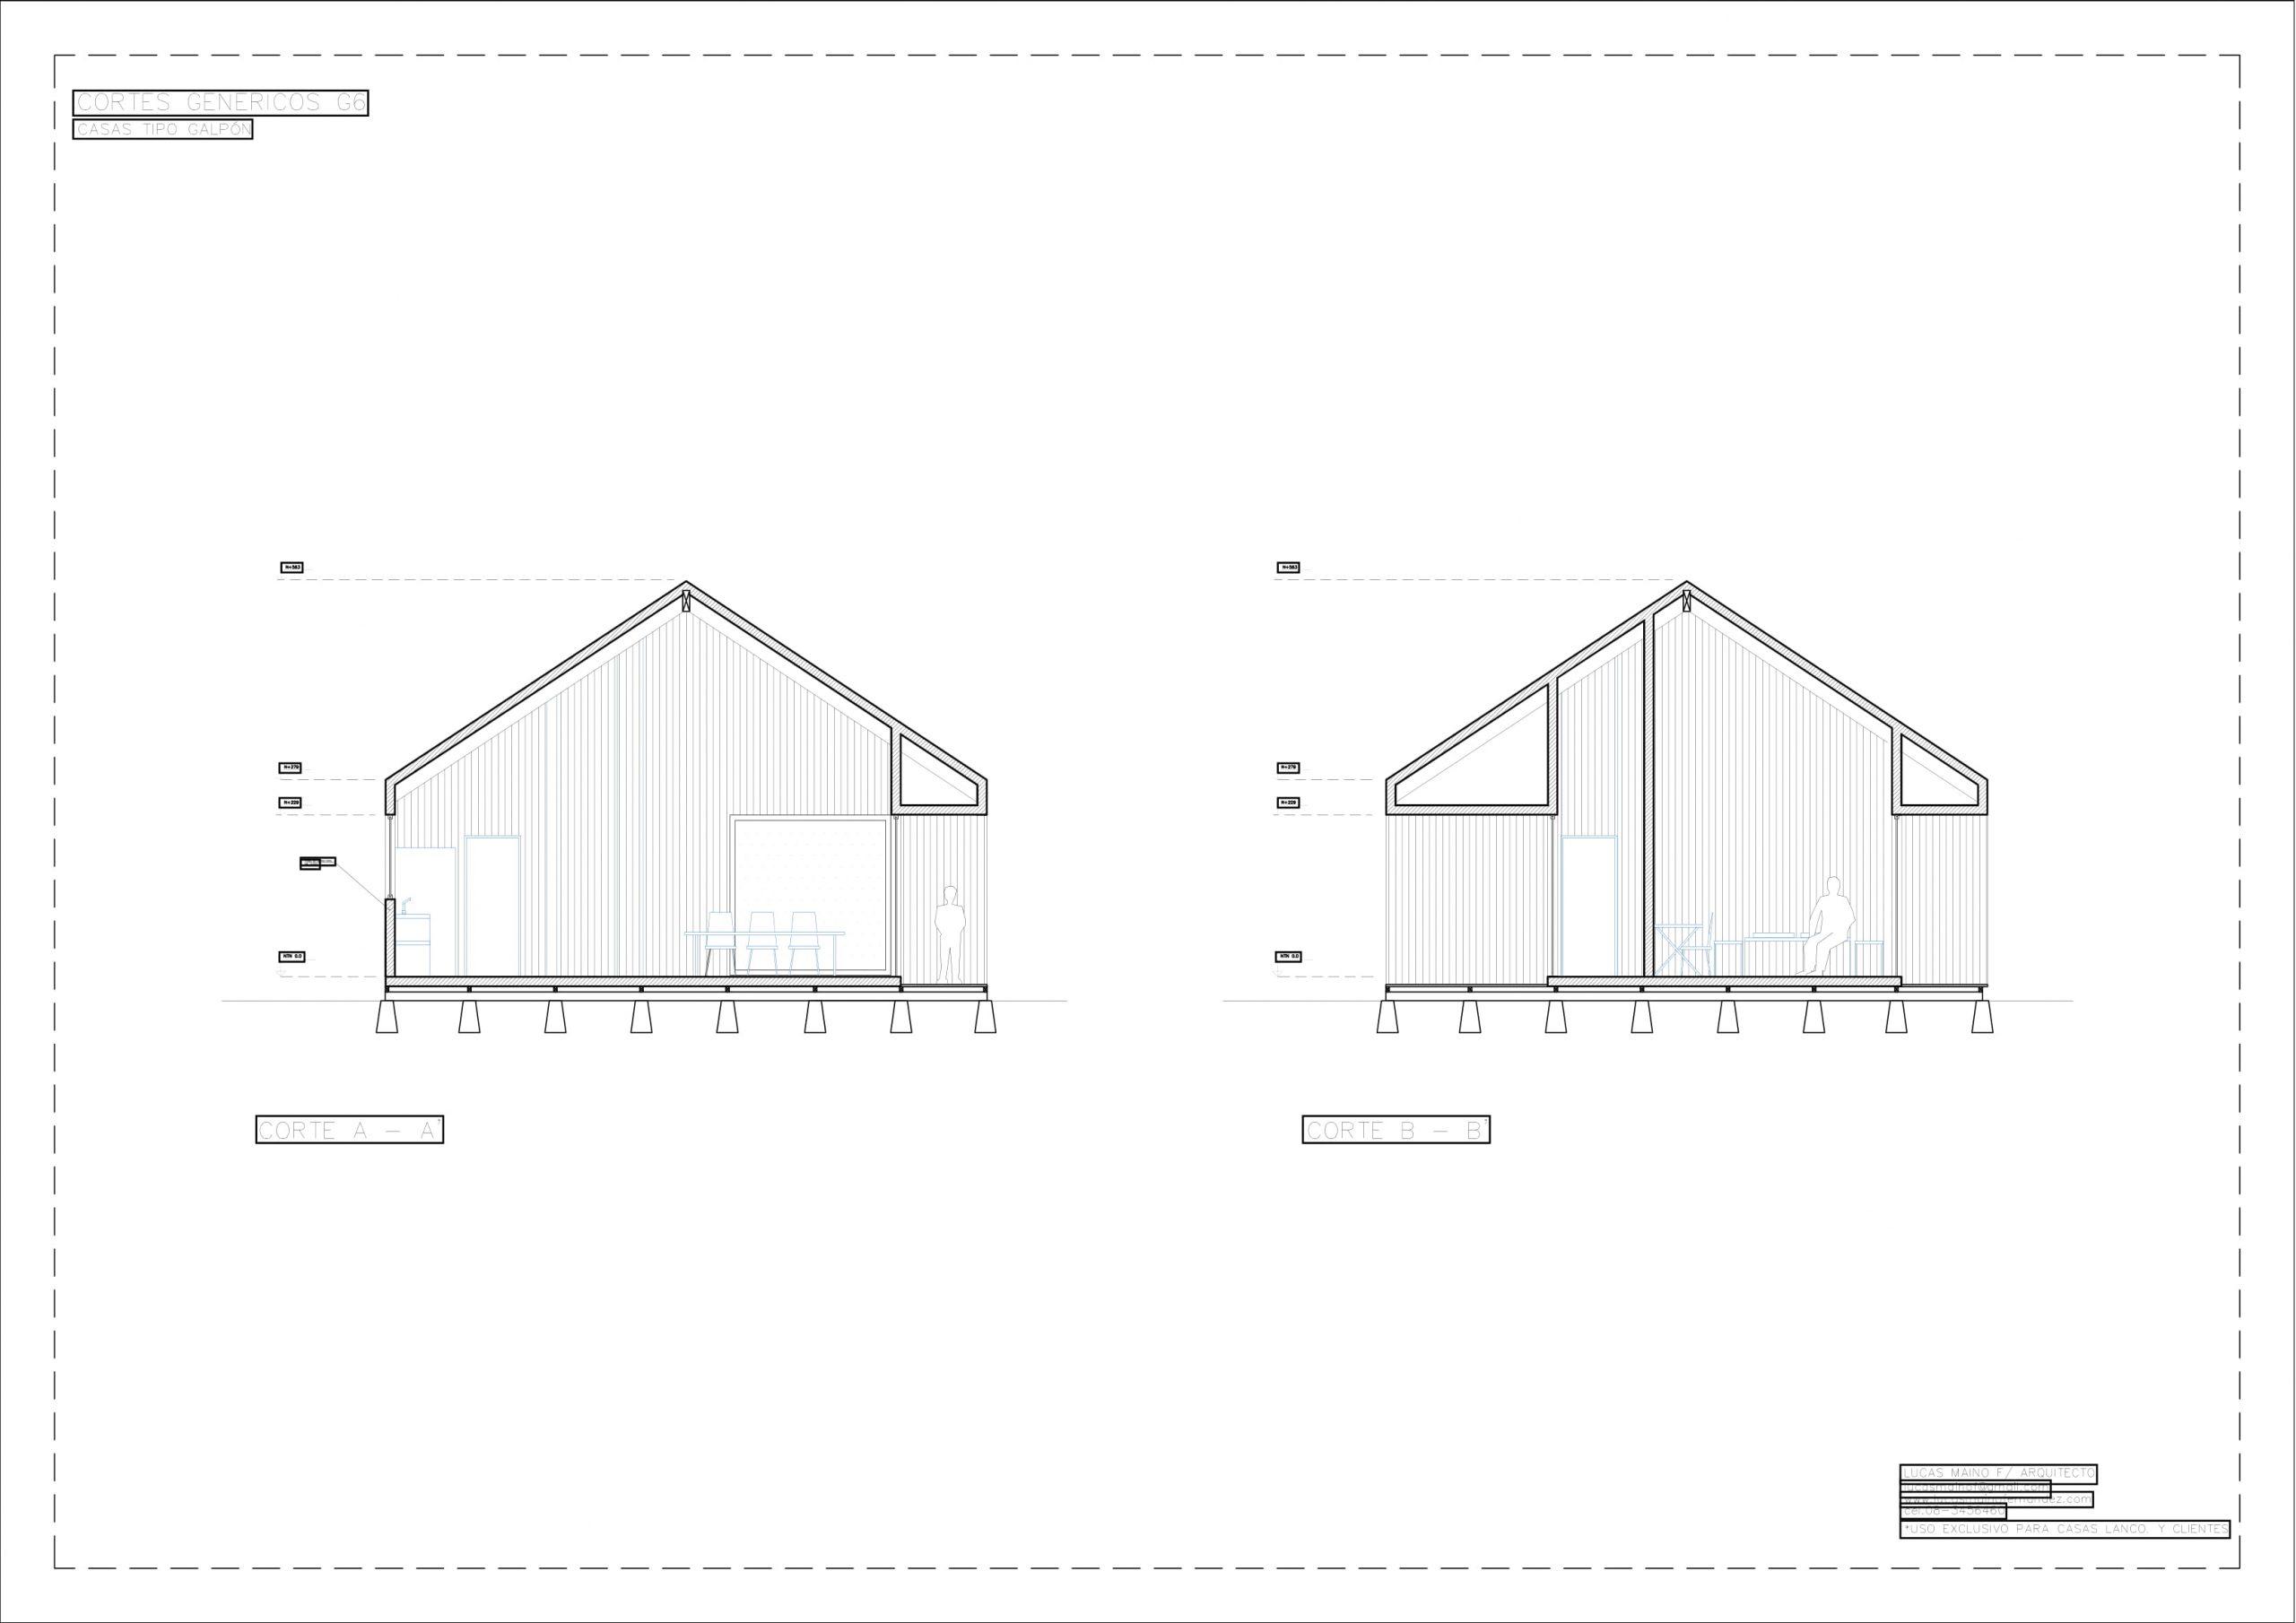 Plano 02 - Casa línea Galpón modelo G6